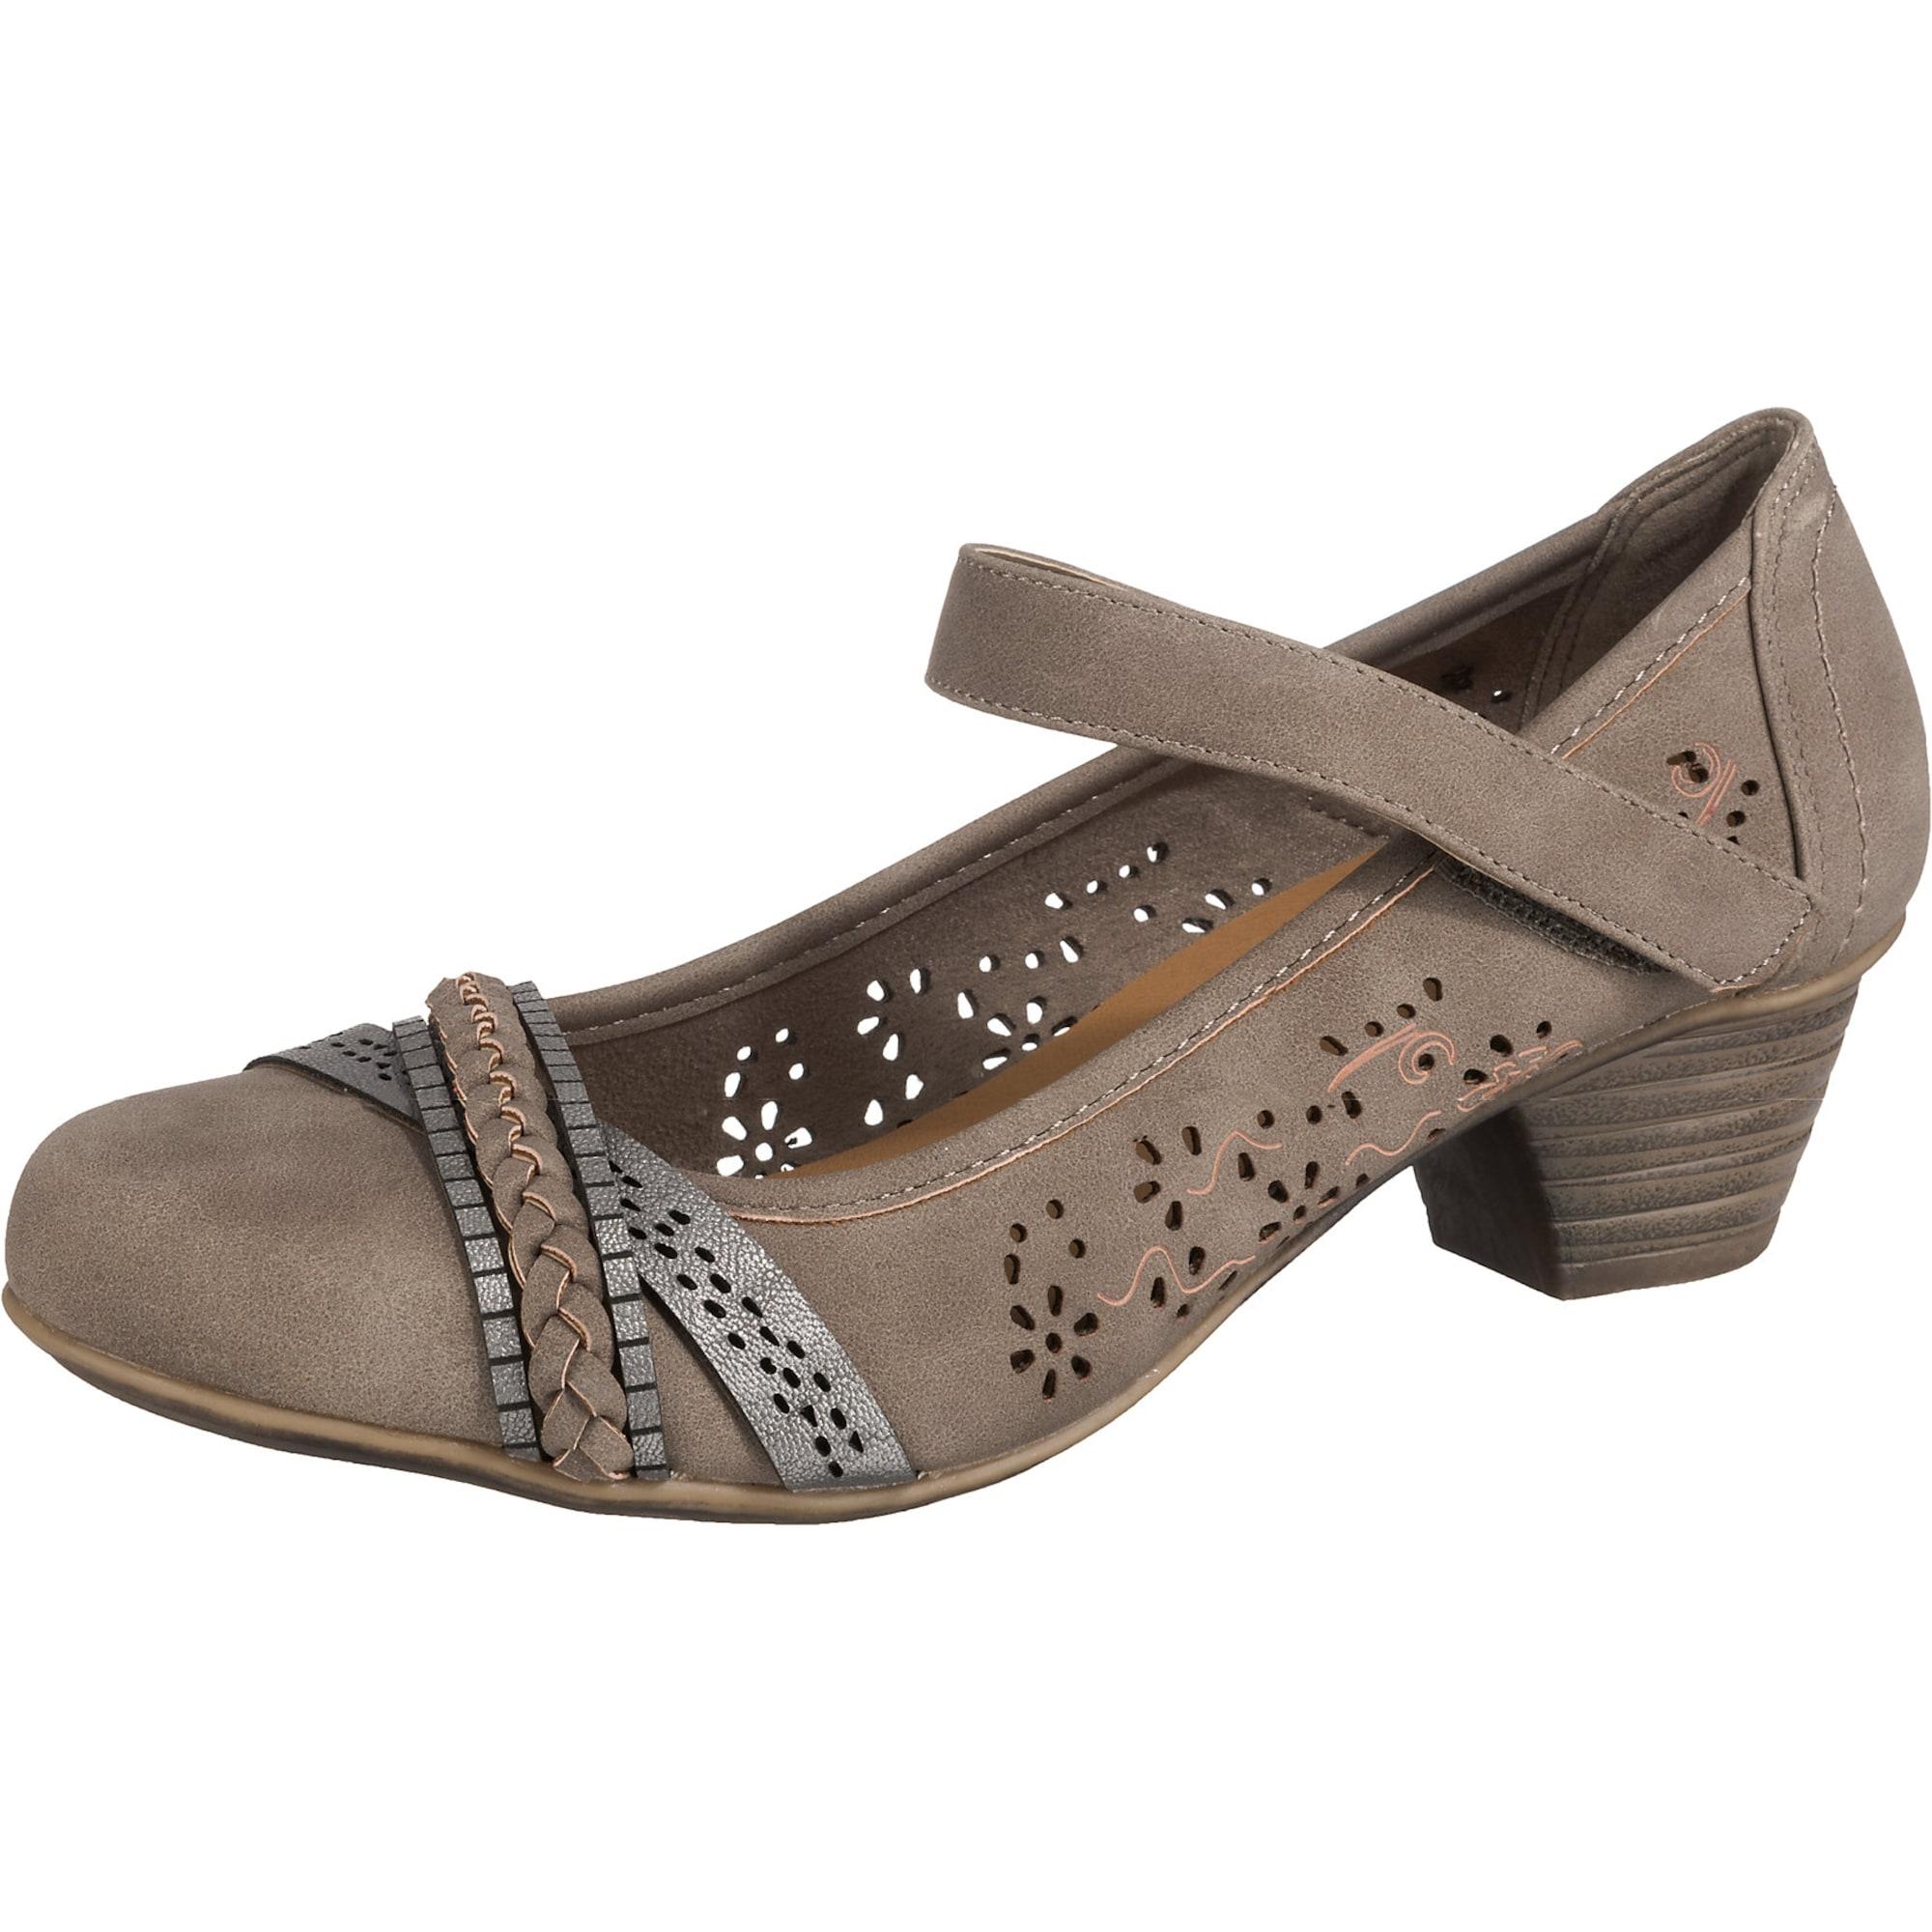 Spangenpumps | Schuhe > Pumps > Spangenpumps | Taupe | JANE KLAIN